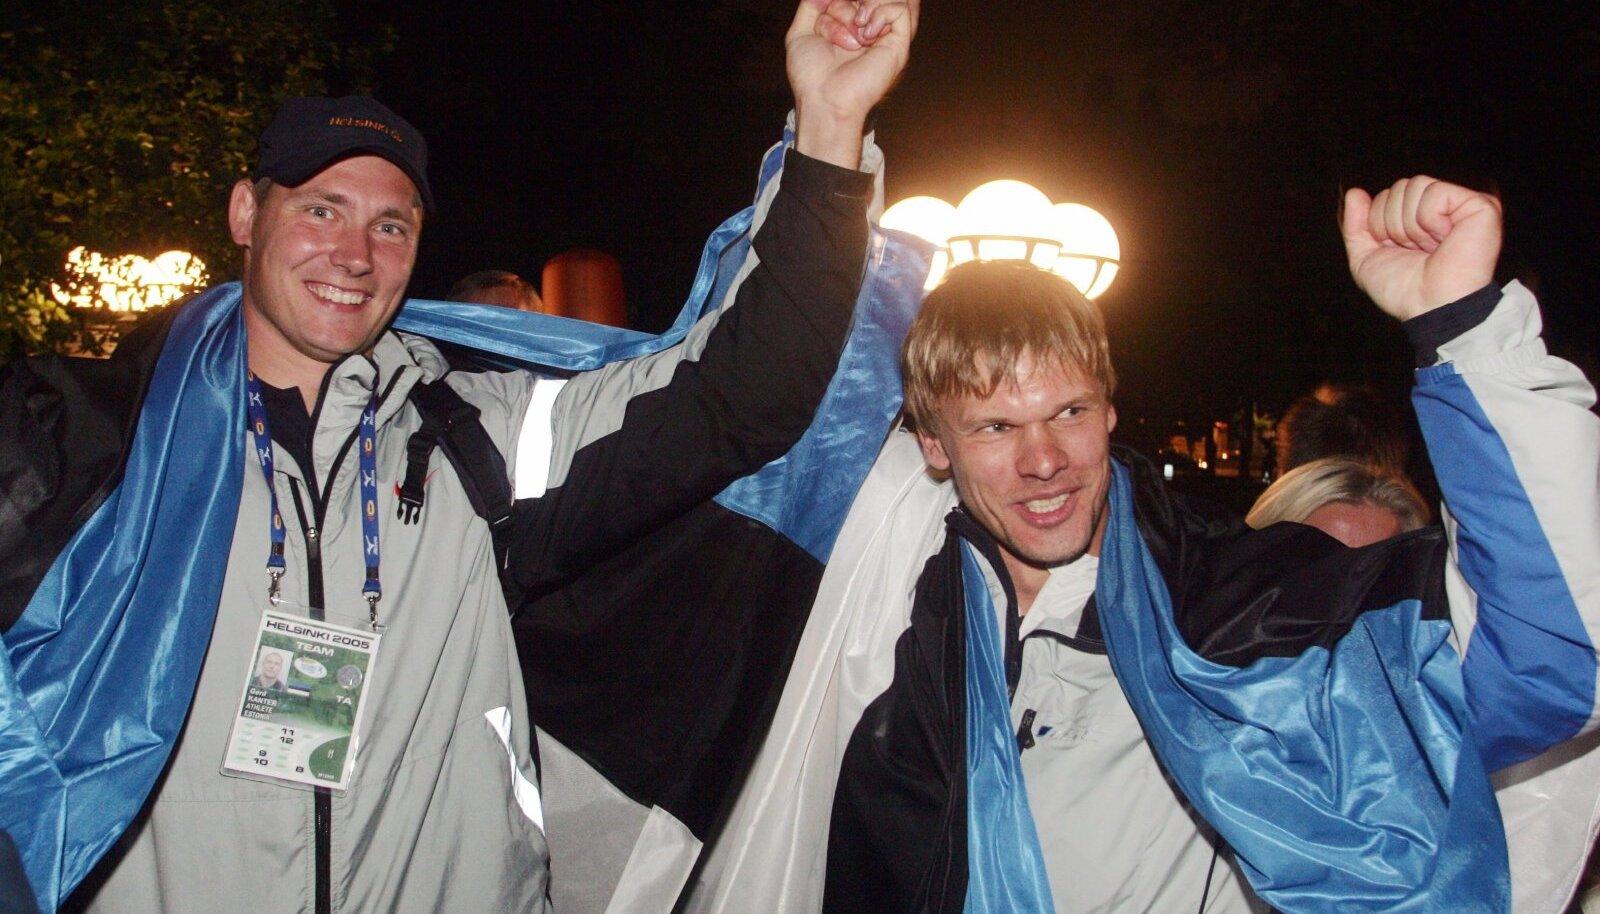 Gerd Kanter ja Andrus Värnik teenisid oma kullad auga välja, uus süsteem võtnuks neilt aga medalid.